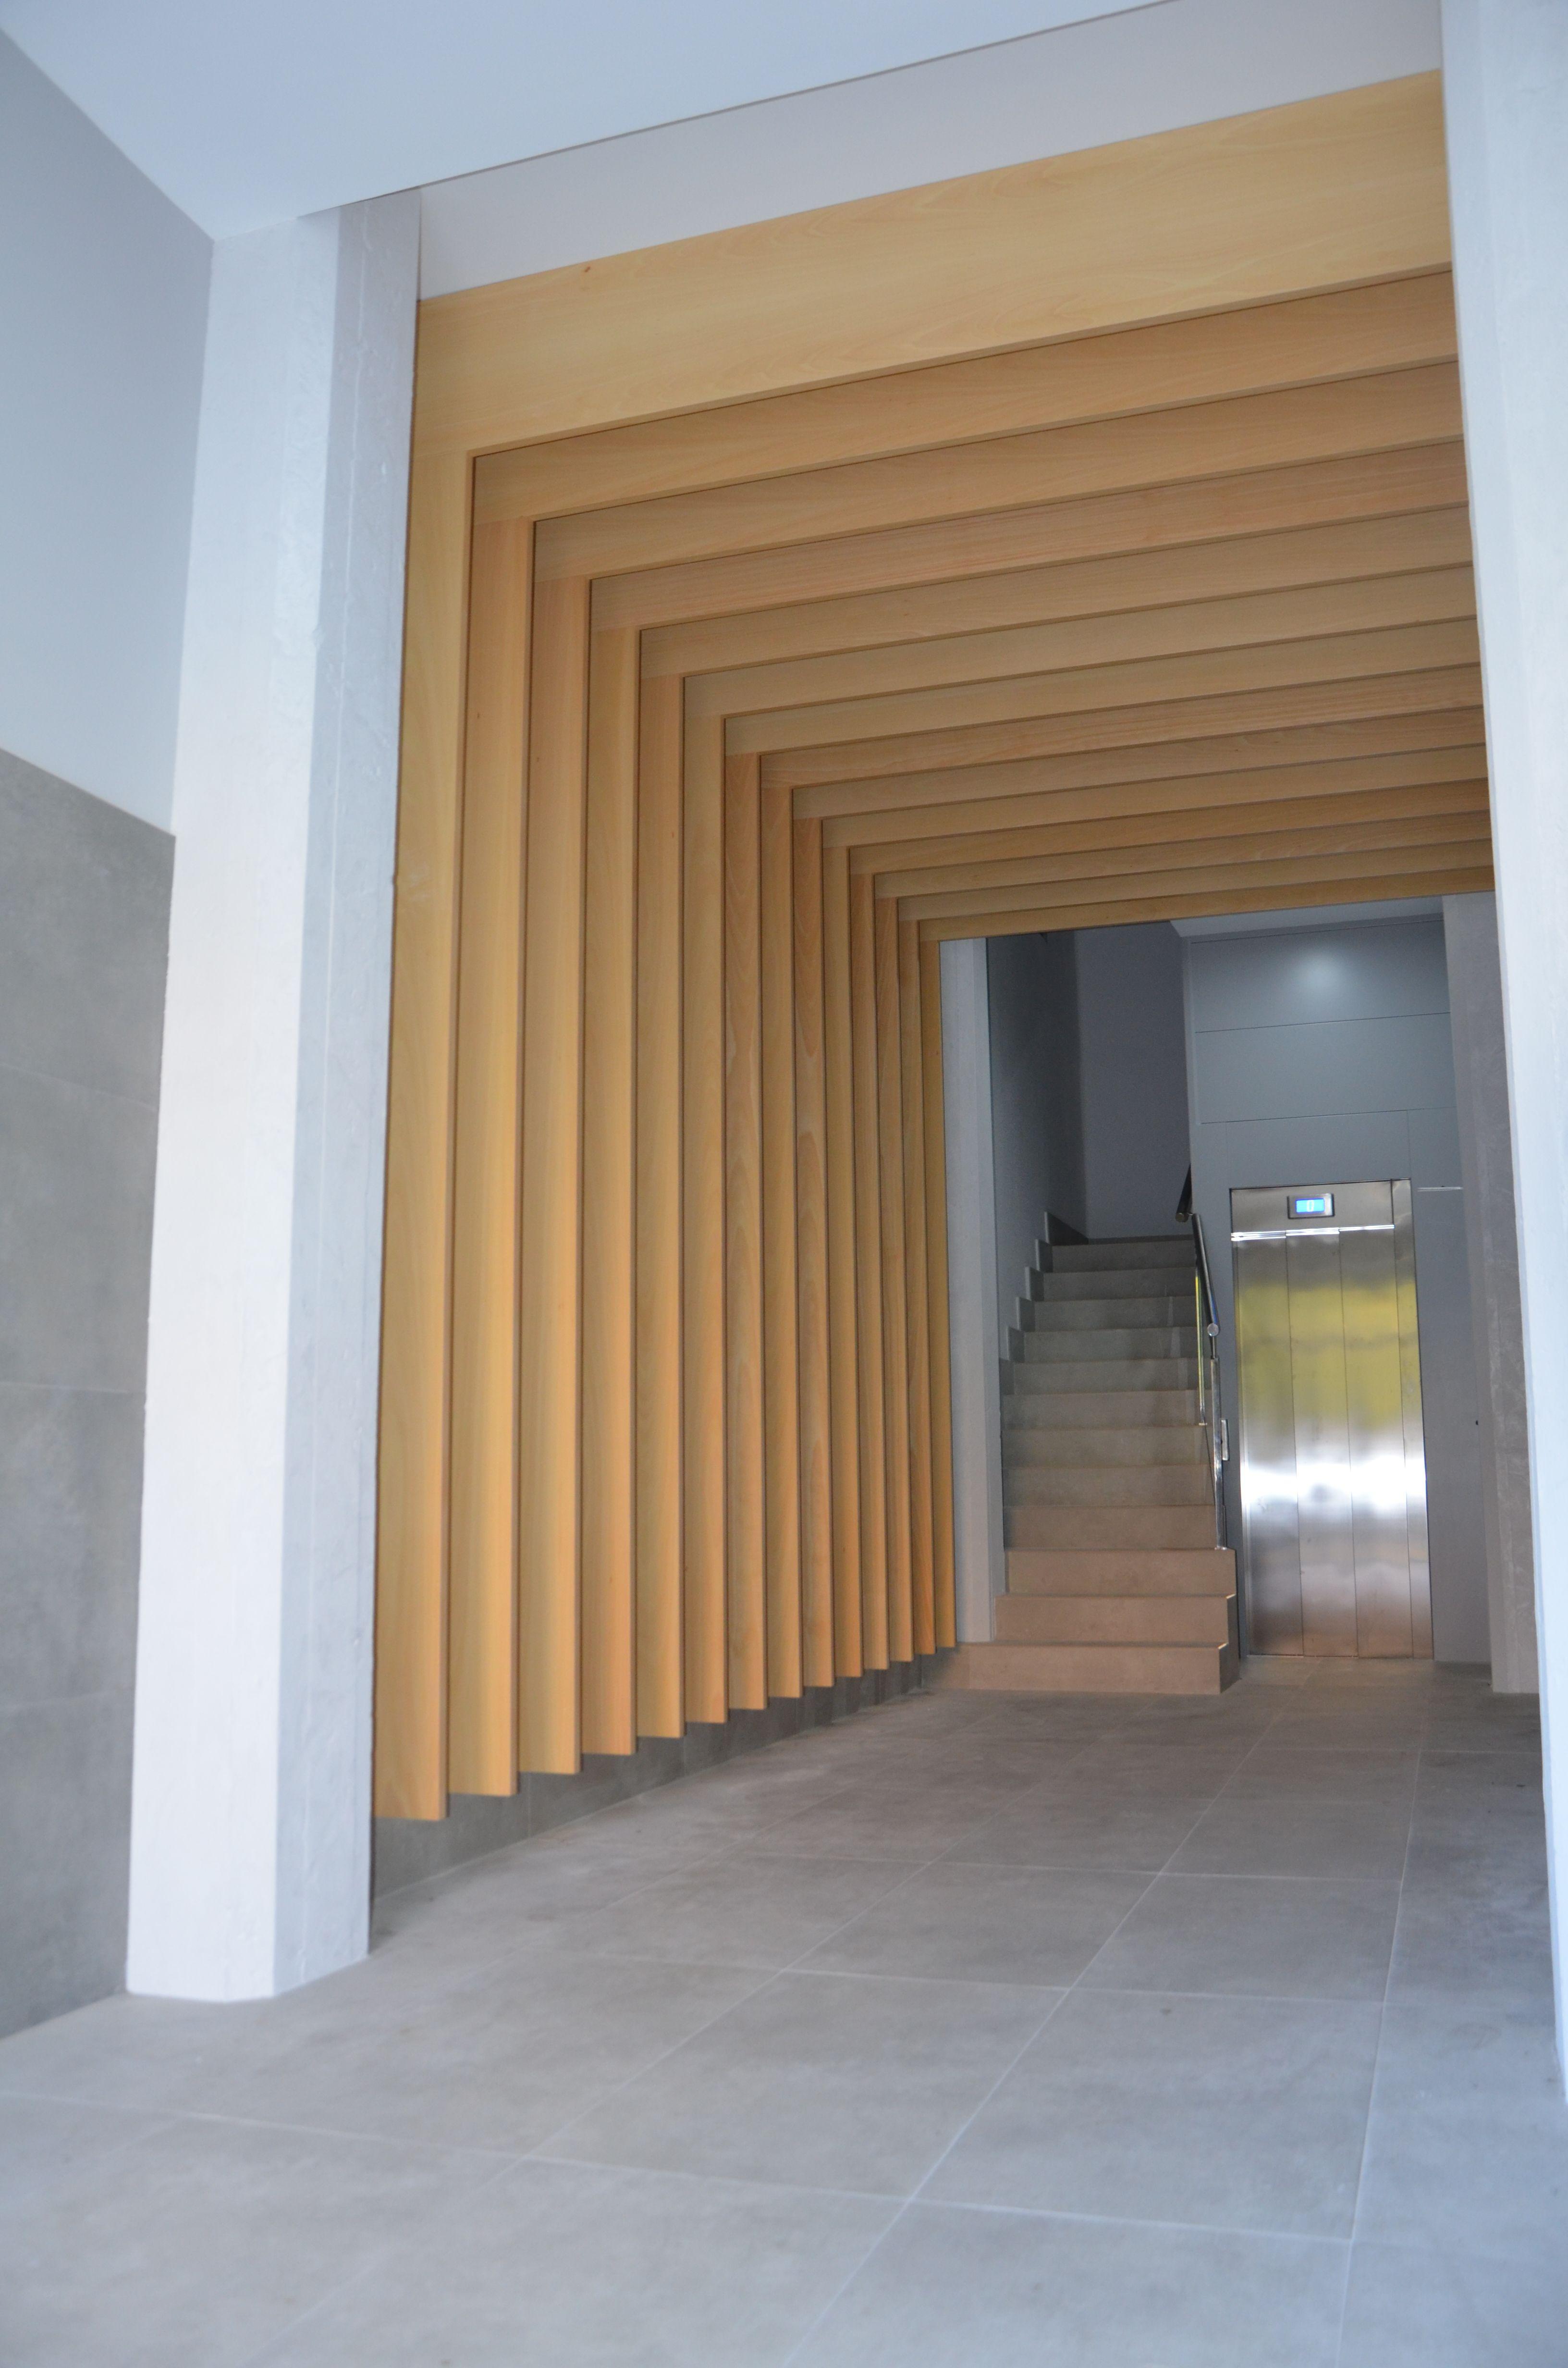 Decoración Con Madera Obras De Accesibilidad Adaptación De Portal Pisos Y Ascensor Con Eliminación Portal De Vivienda Hall De Entrada Vestíbulo De Ascensor